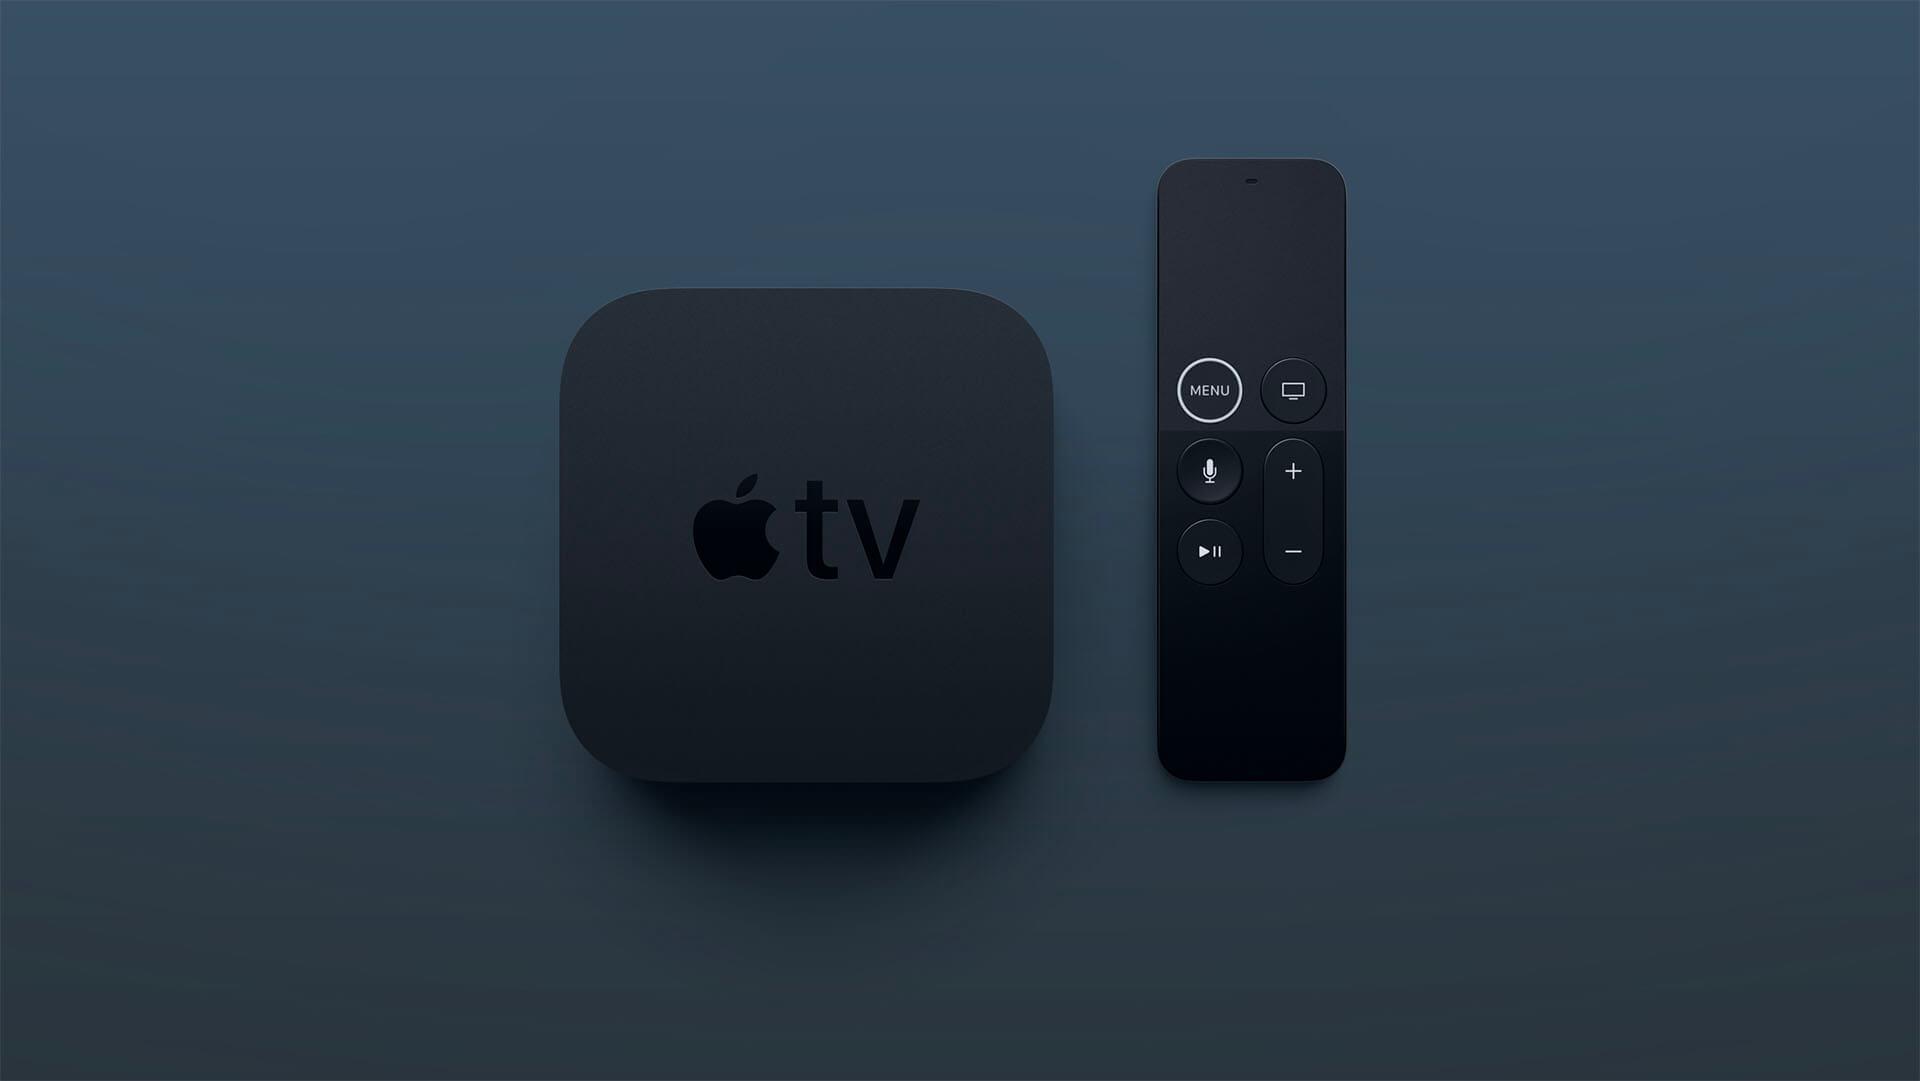 Apple、Apple TV 4Kを発表!HDRにも対応でゲームもめっちゃ面白そう